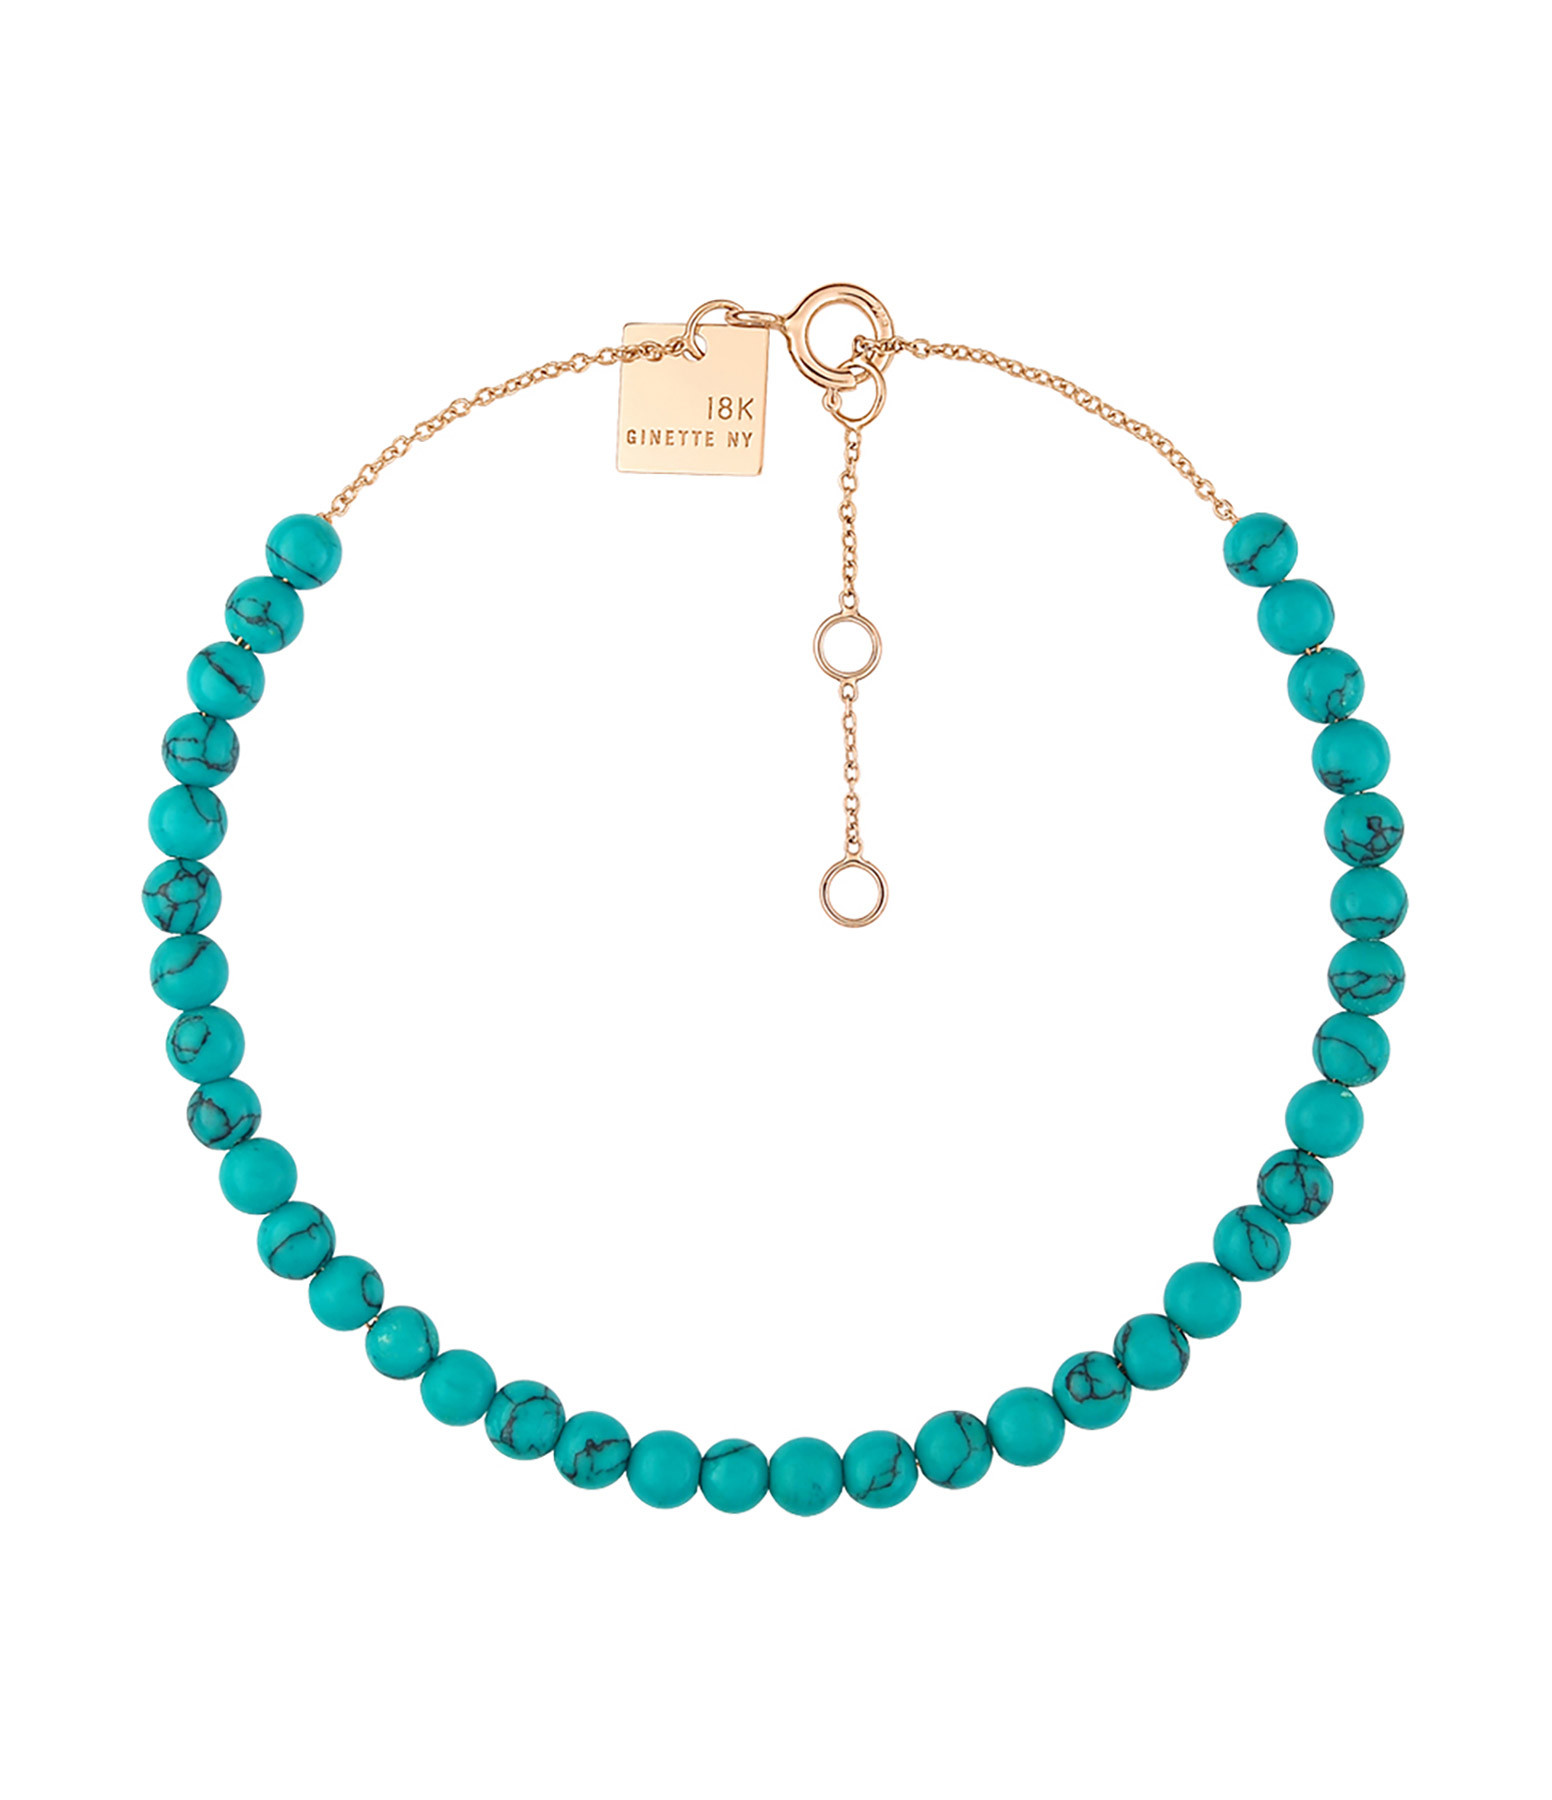 GINETTE_NY - Bracelet Maria Or Rose Turquoise